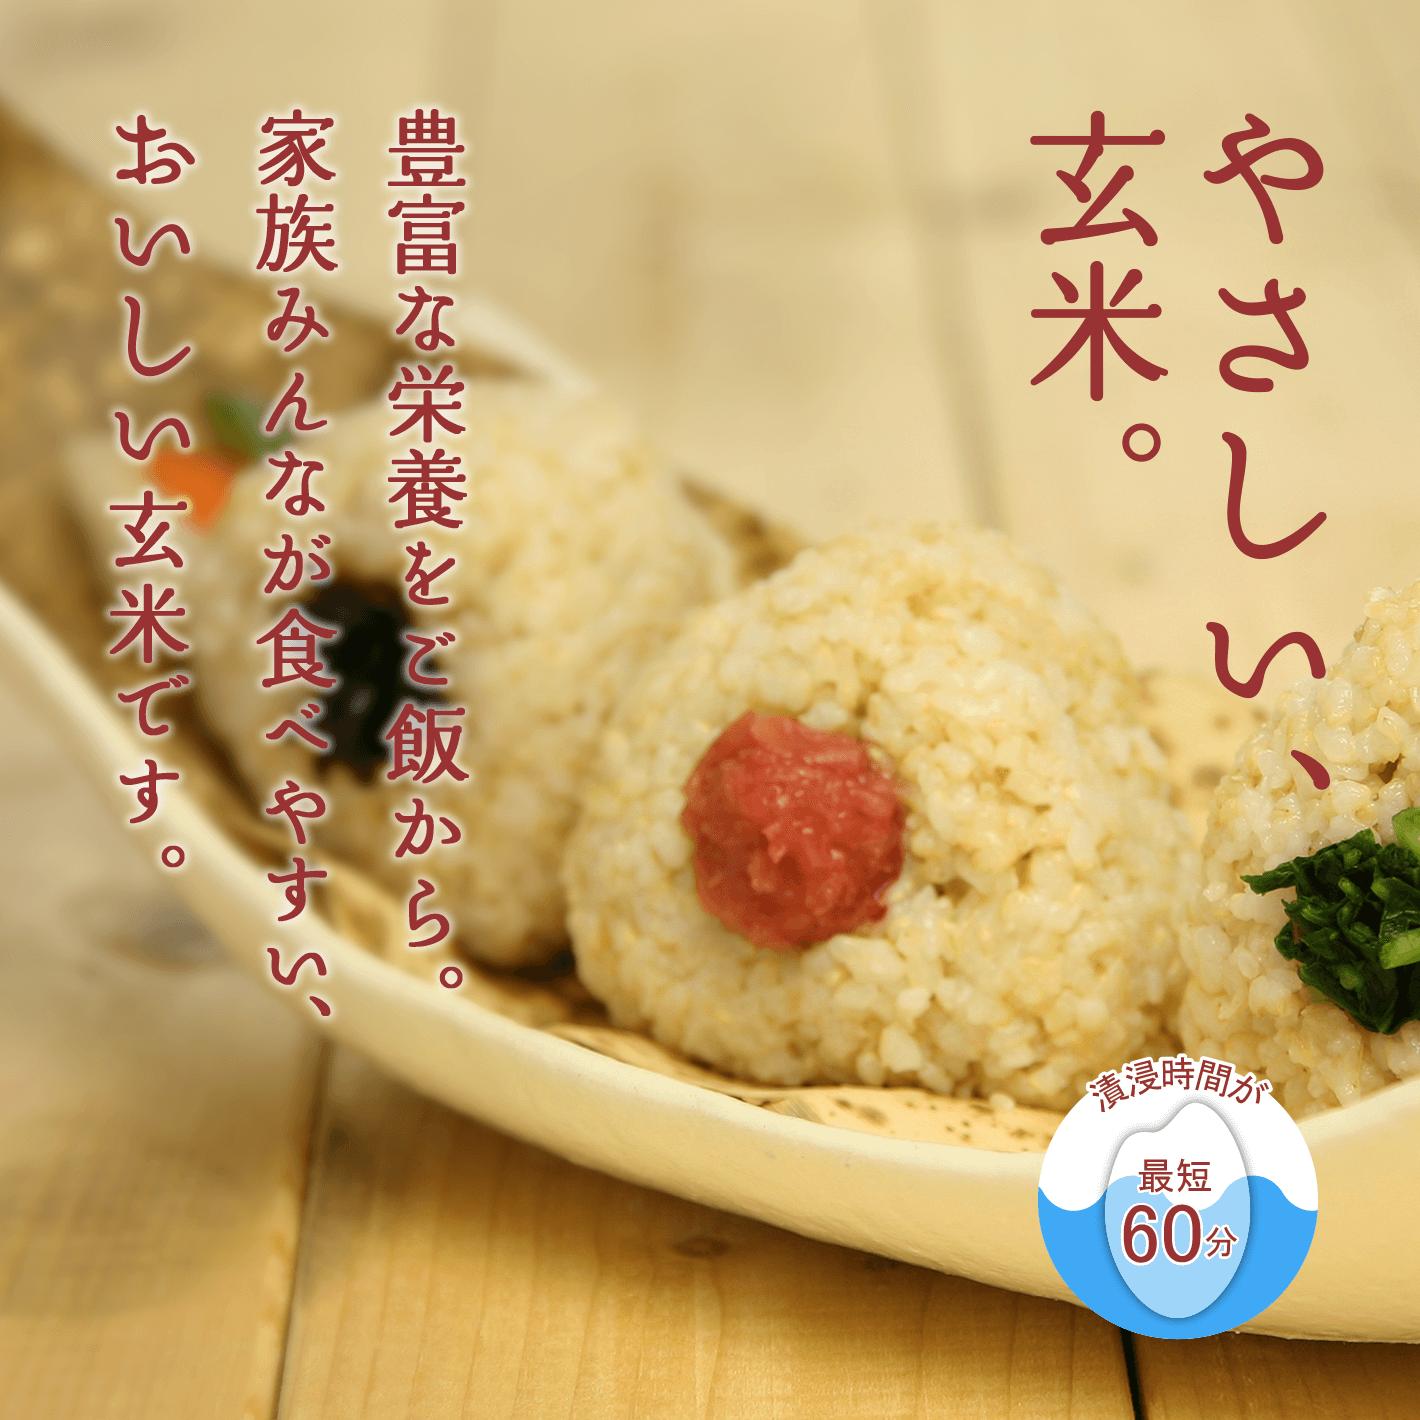 やさしい玄米。